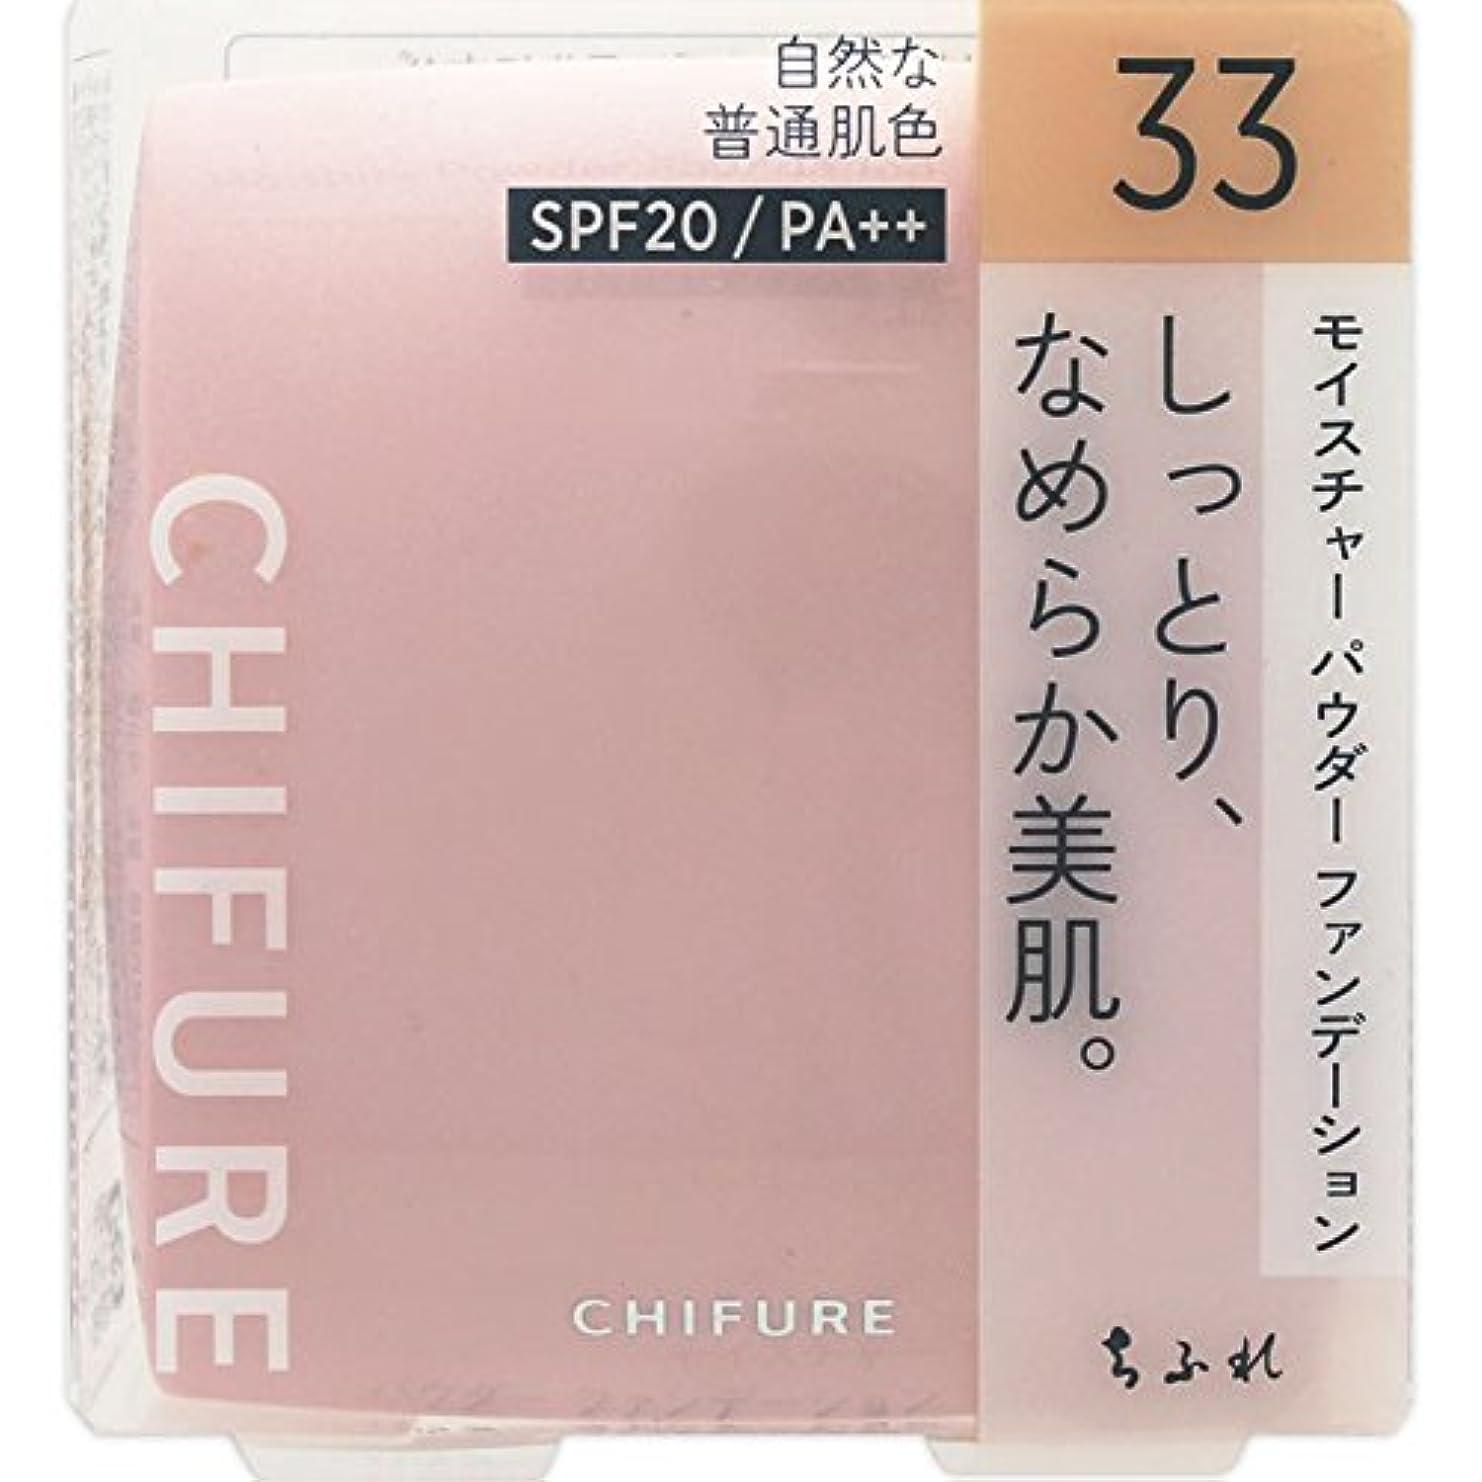 置くためにパック義務的朝ちふれ化粧品 モイスチャー パウダーファンデーション(スポンジ入り) 33 オークル系 MパウダーFD33